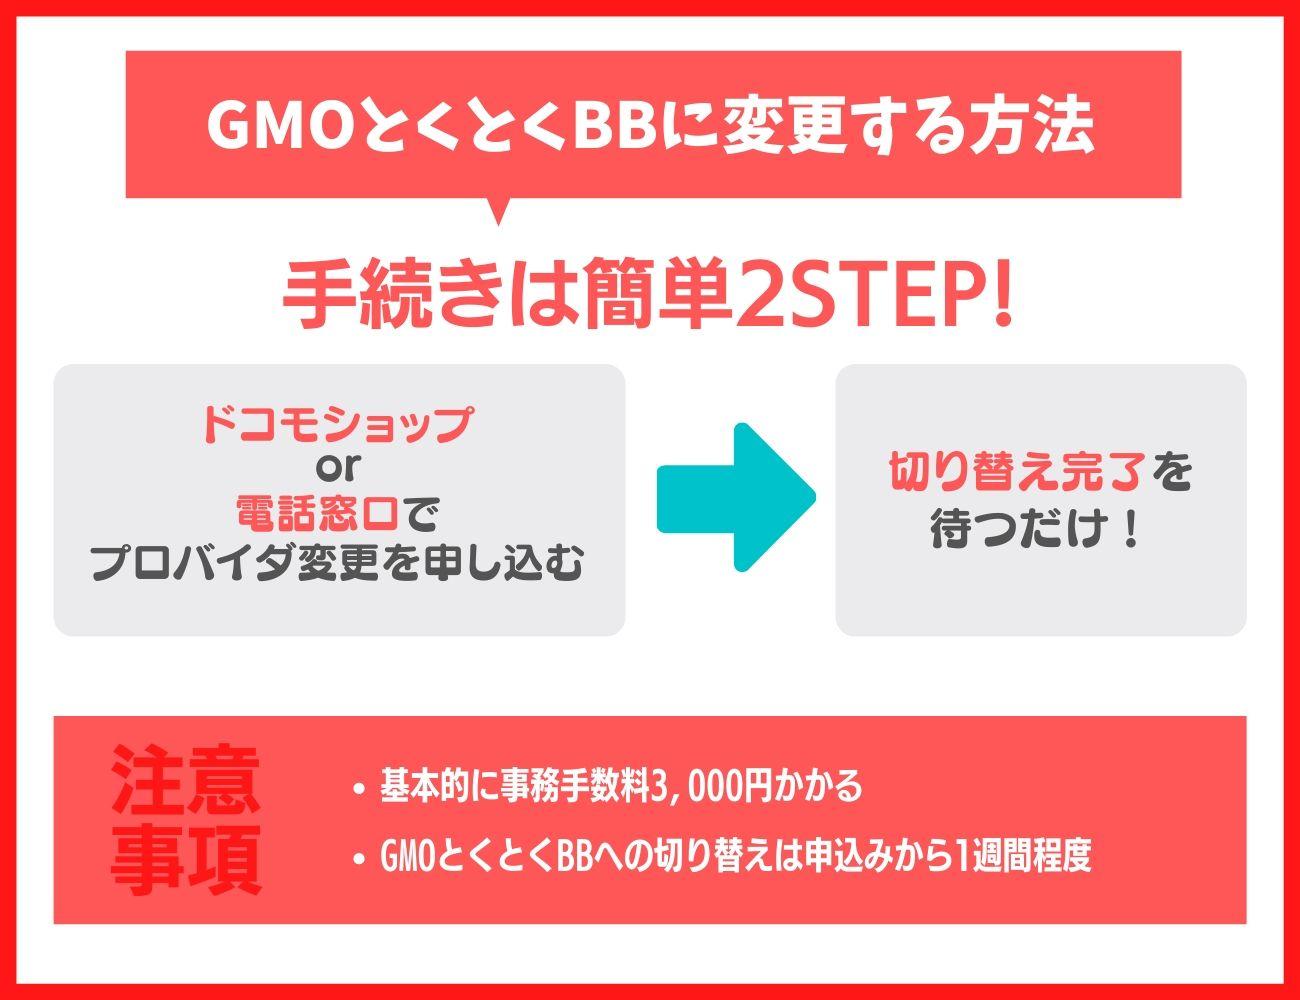 ドコモ光のプロバイダをGMOとくとくBBに変更する方法